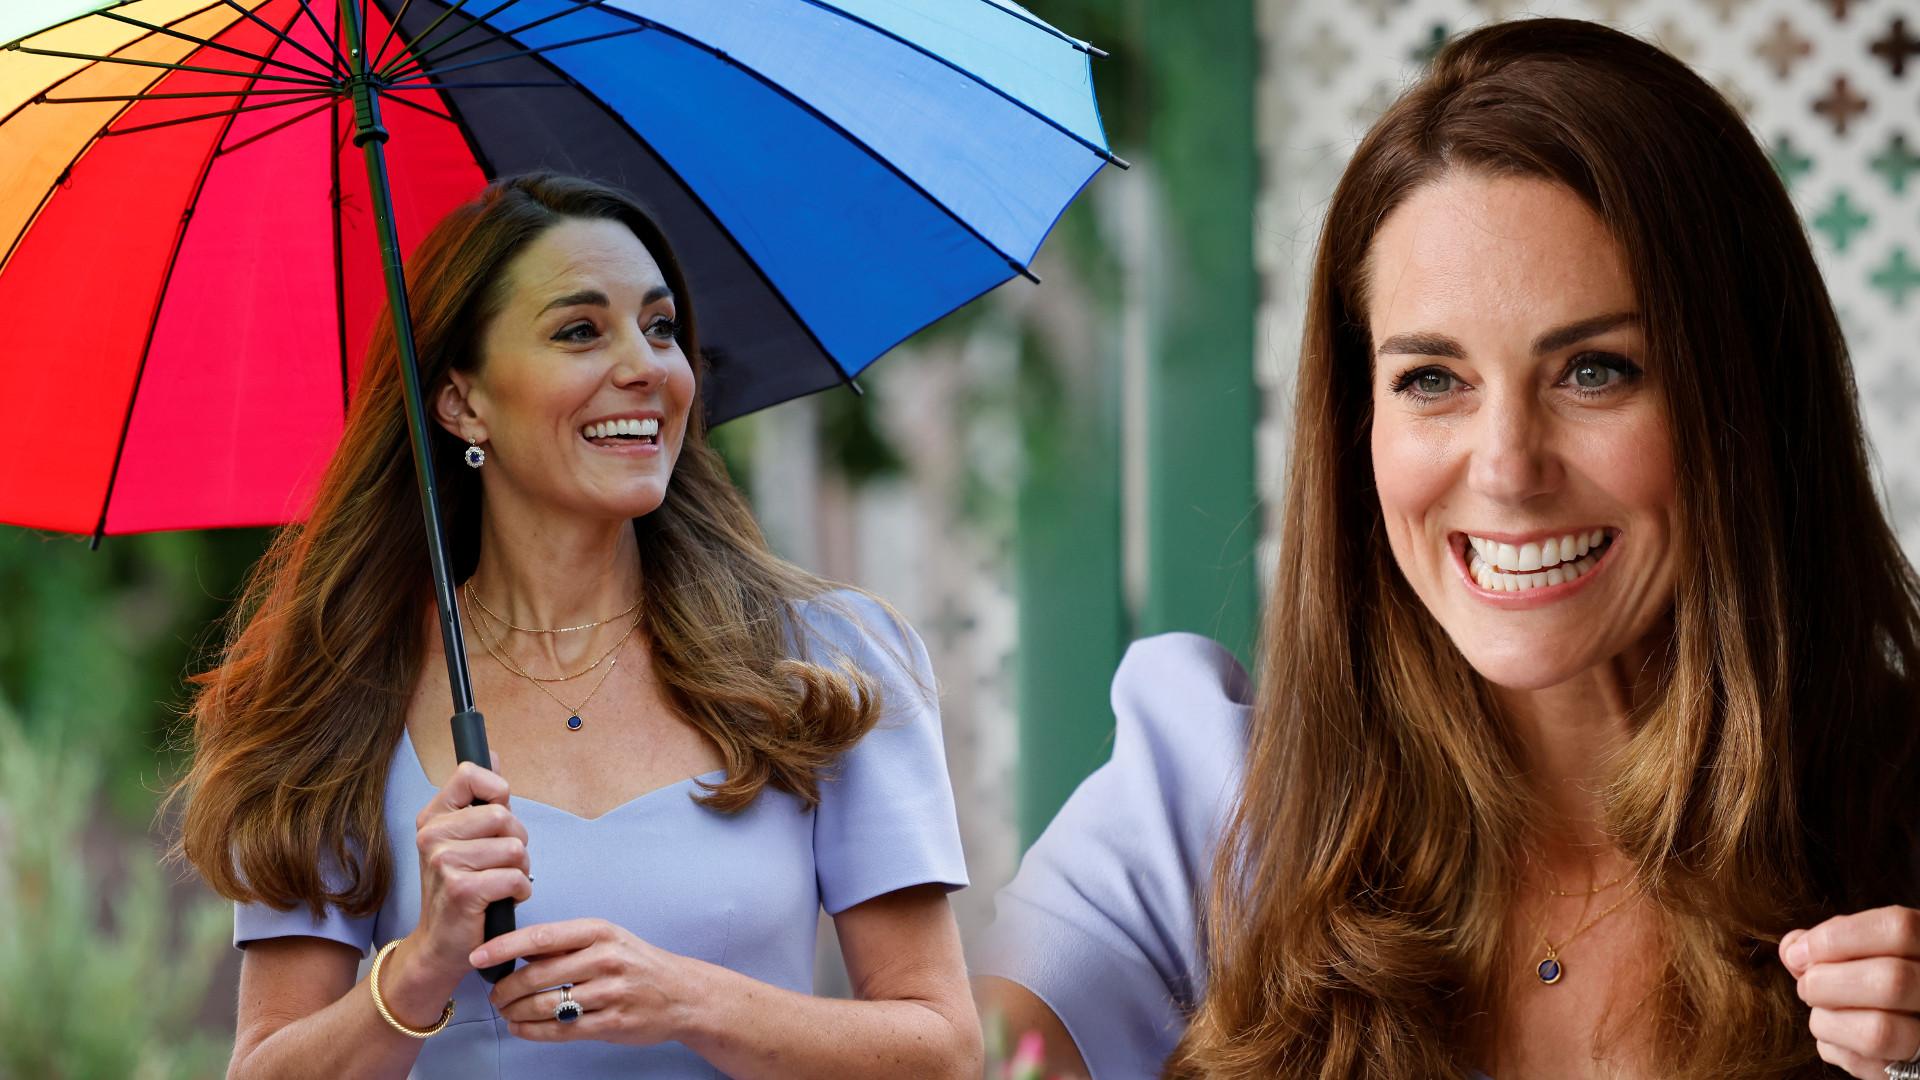 Księżna Kate mknie z tęczową parasolką na spotkanie. TAKIE sukienki powinna nosić! (ZDJĘCIA)